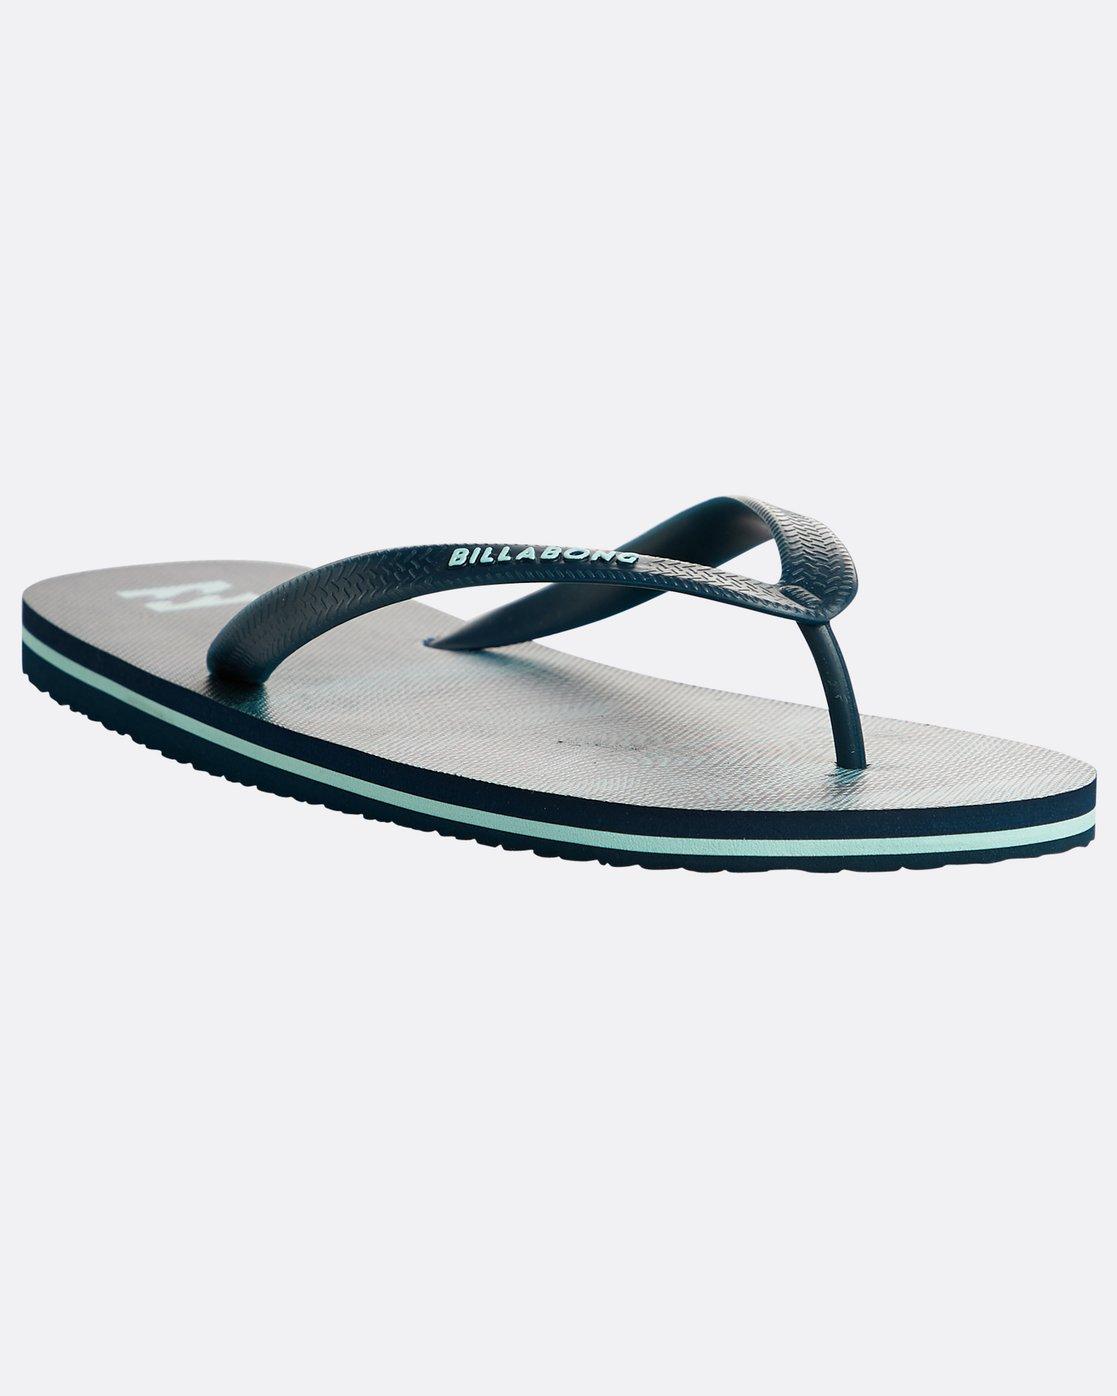 Billabong Mens Flip Flops ~ Tides Resistance mint